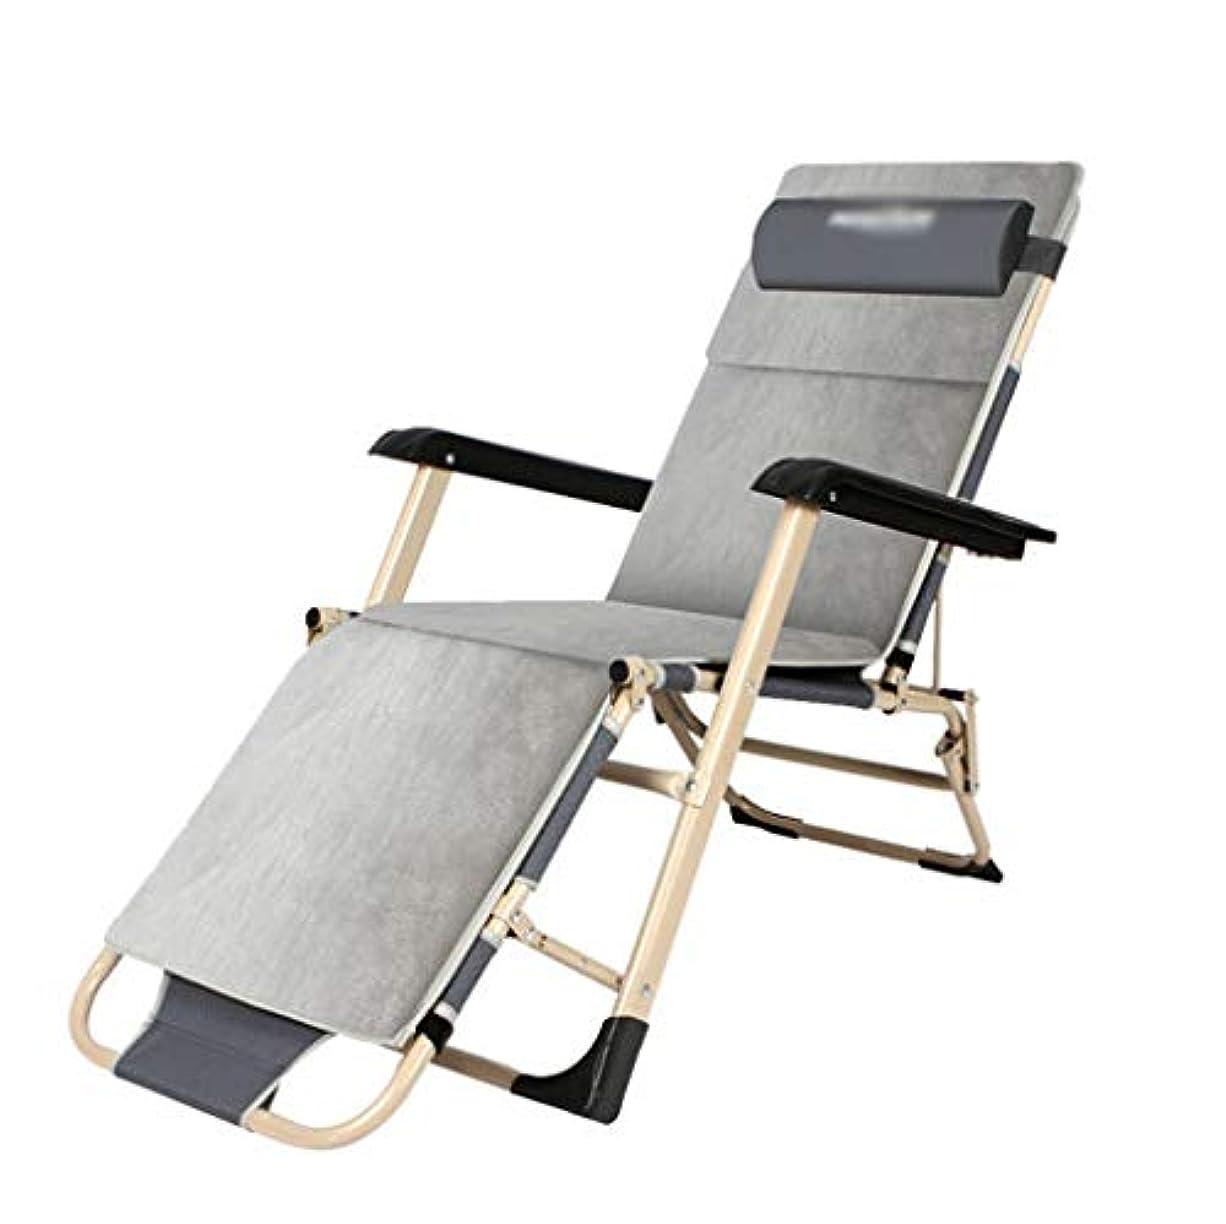 皿異常な幾分折りたたみ椅子折りたたみ式ベッドランチブレイクチェアホームポータブルリクライニングチェアシングルキャンプベッドウルトラライトナップ屋外ベッド - 178 X 52 X 30 Cm - 2色オプション、調節可能 - ヘッドレストを分解 (色 : Gray)